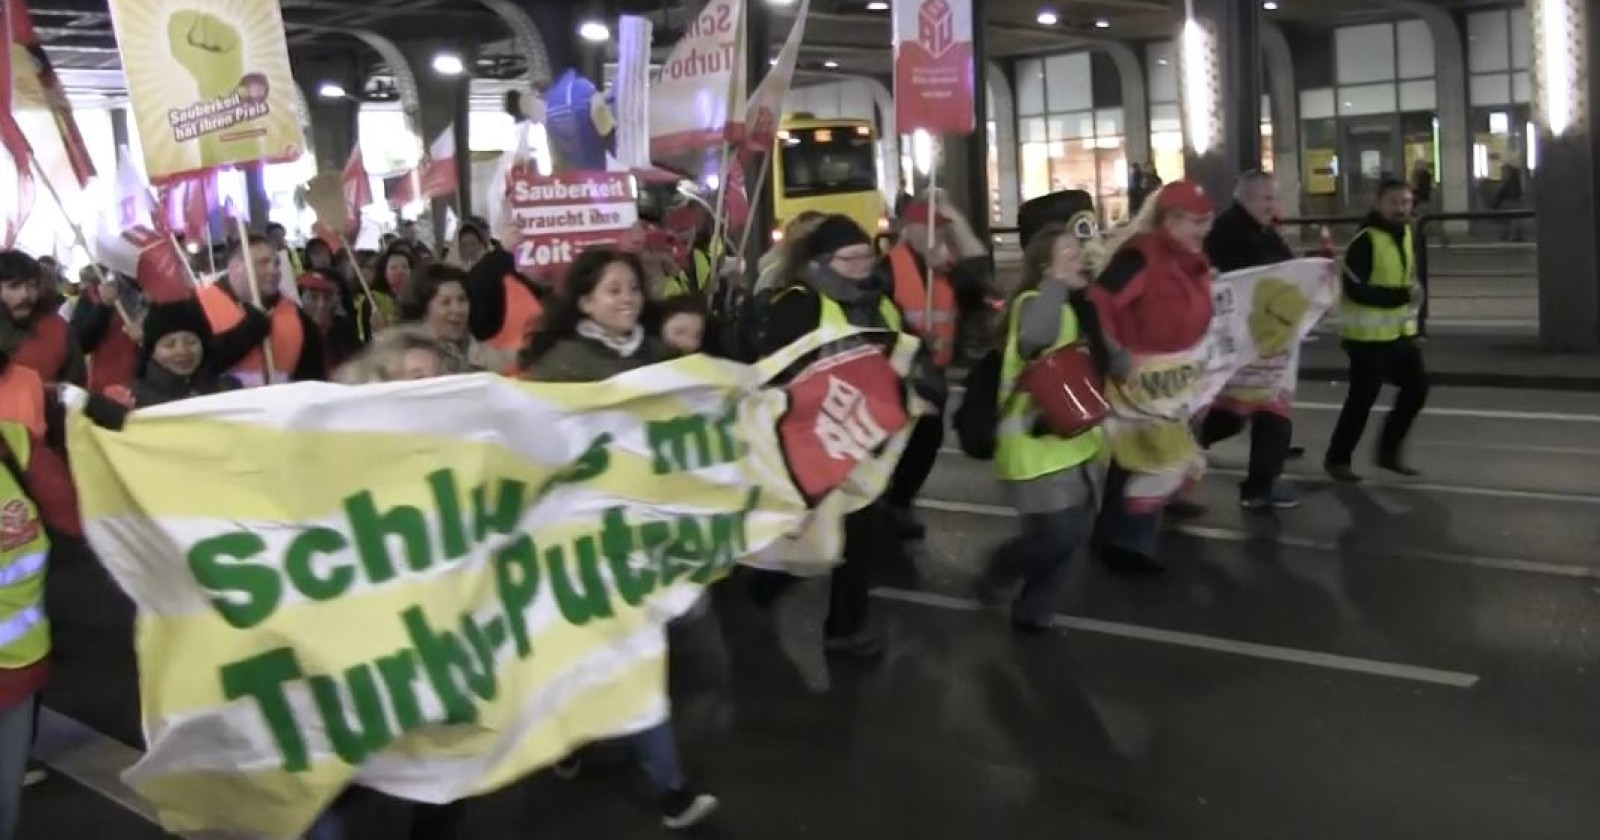 Video: Jetzt wirds ernst - Mopp-U-py Frankfurt!